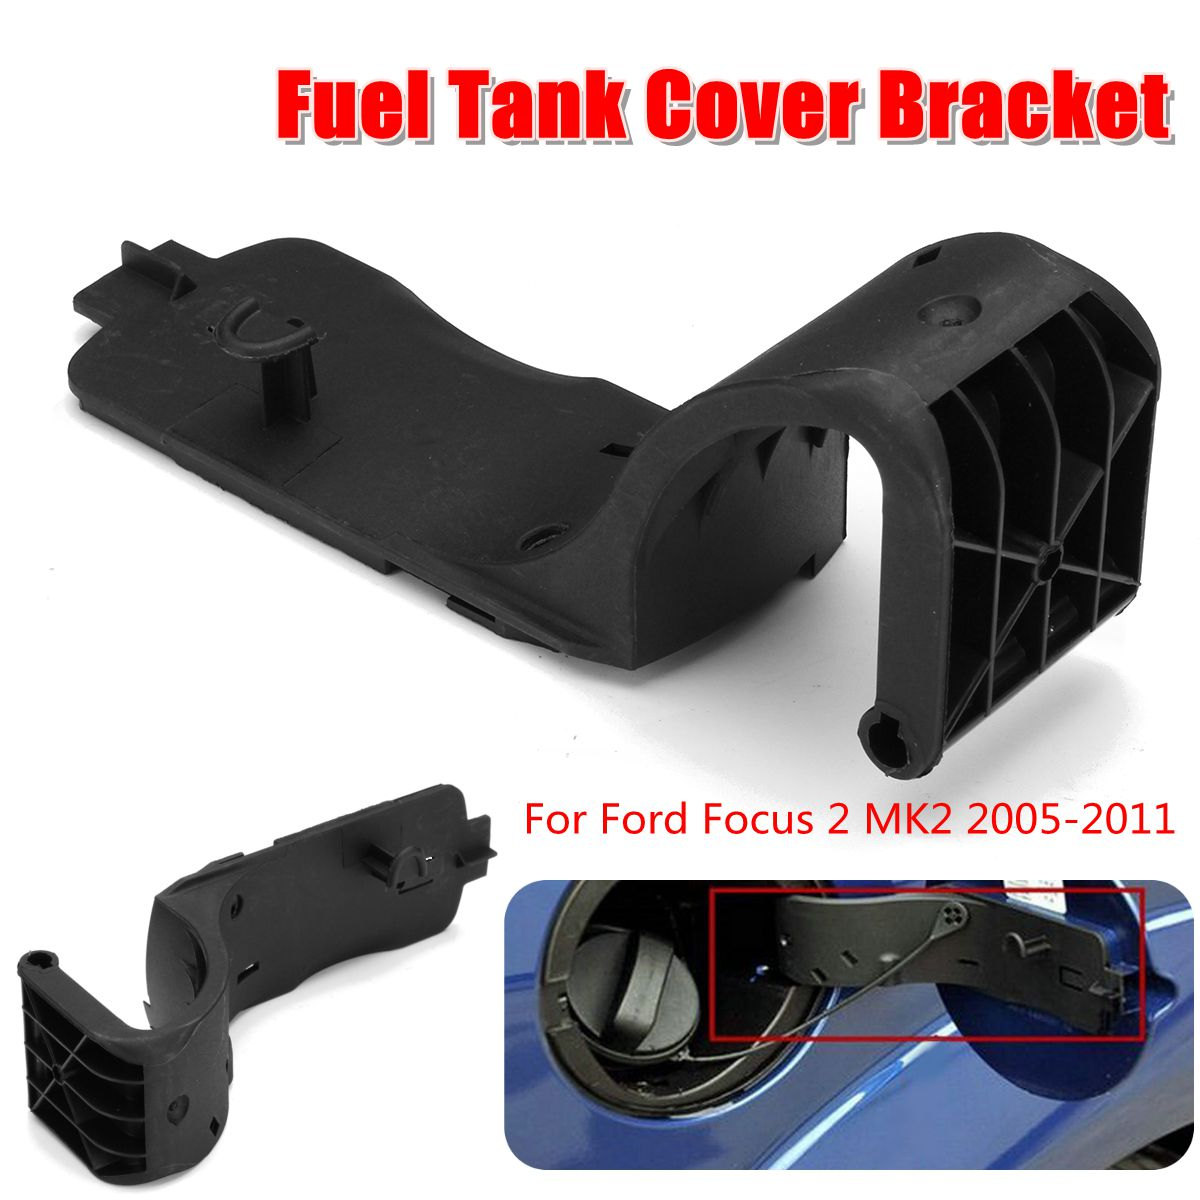 Топливный бак Бензобак Крышка Крепление сменный кронштейн для Ford для Focus 2 MK2 2005 2006 2007 2008 2009 2010 2011